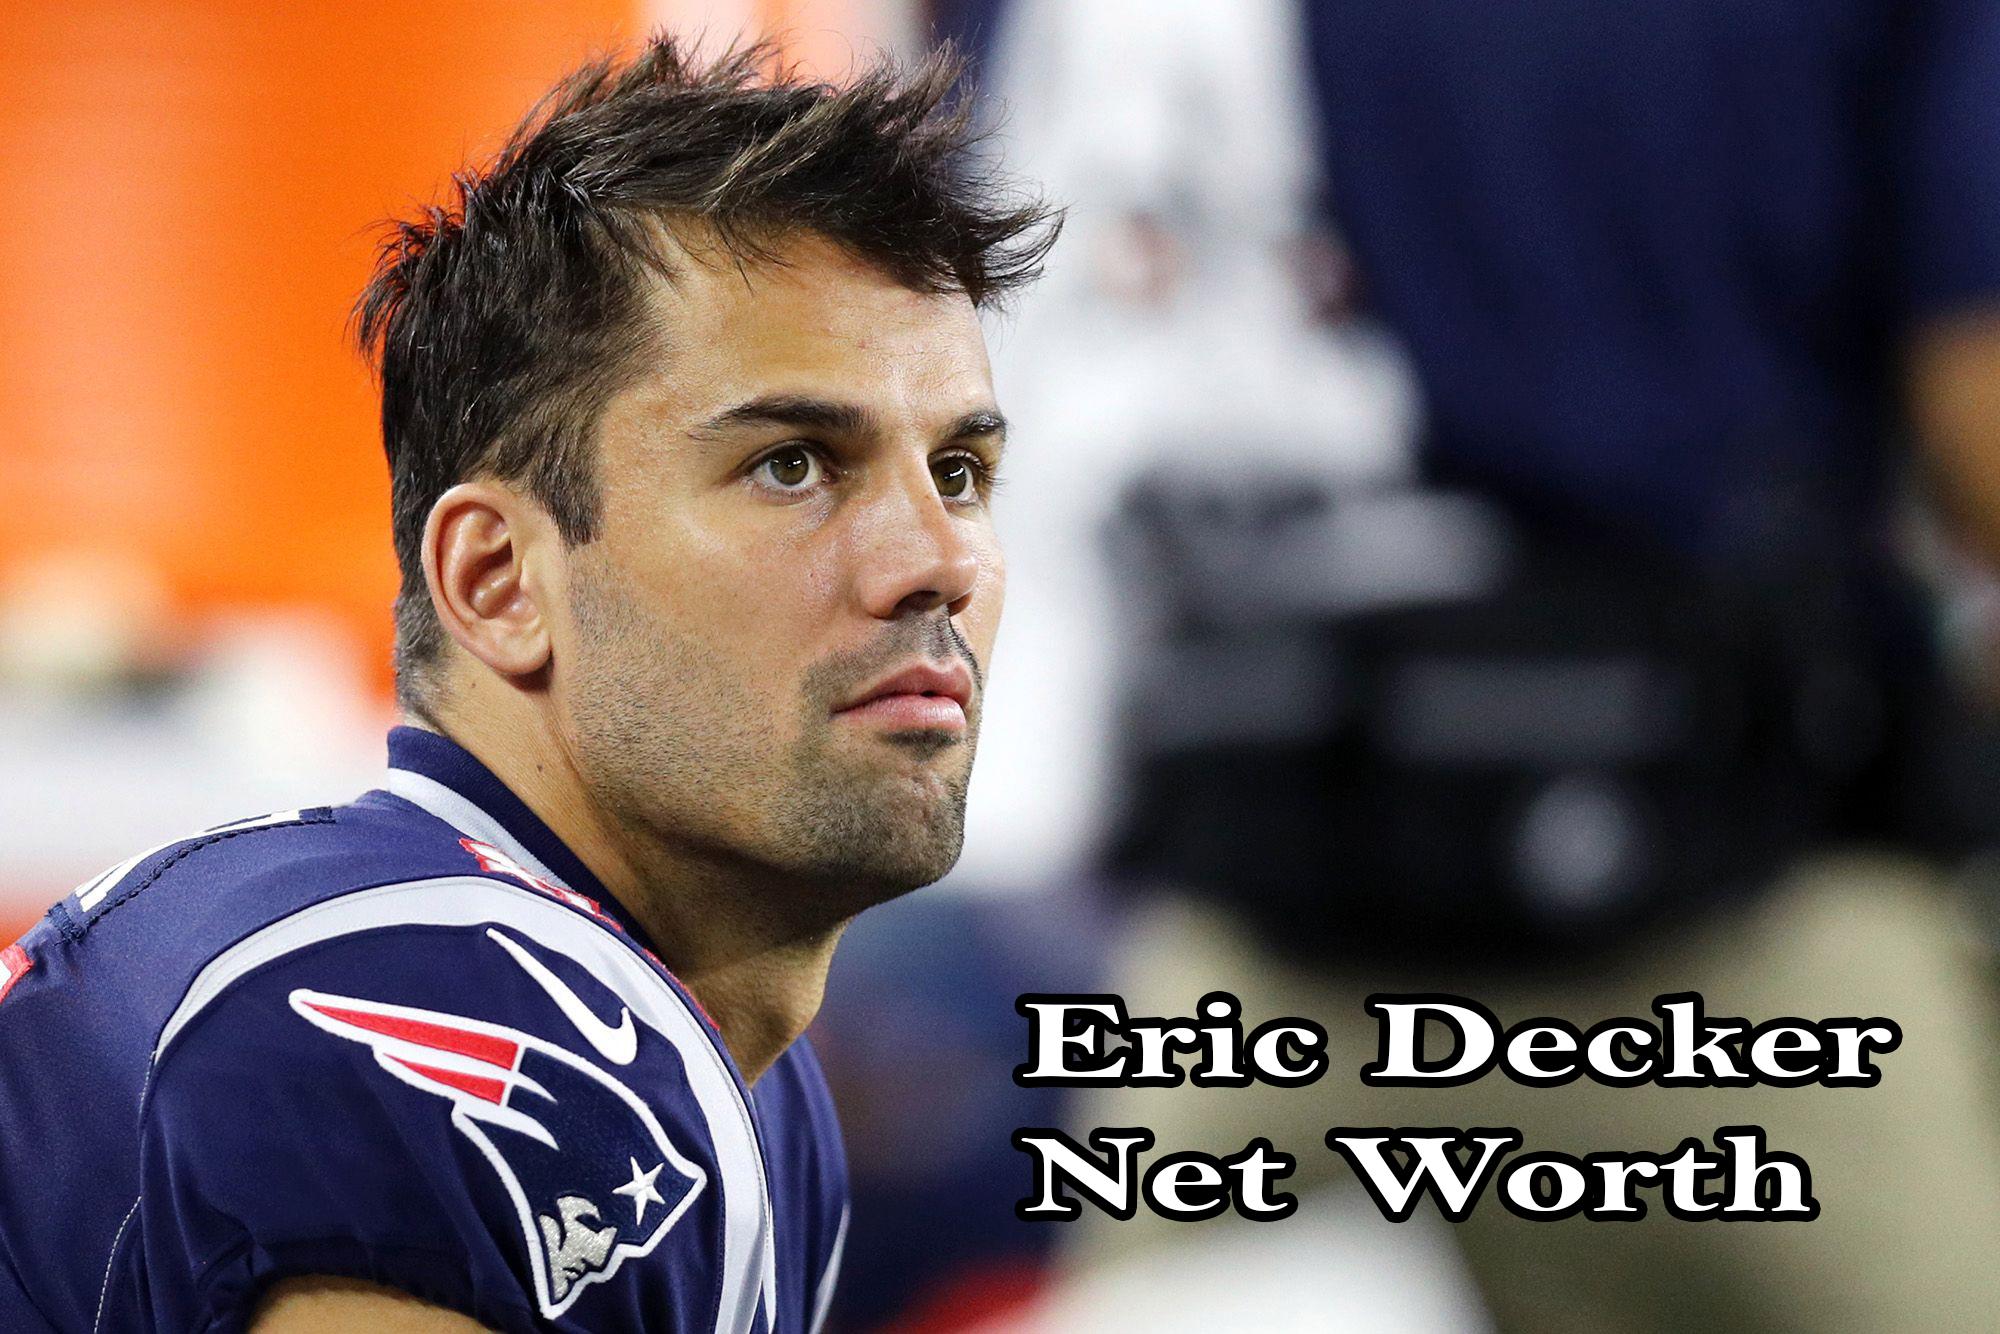 Eric Decker Net Worth